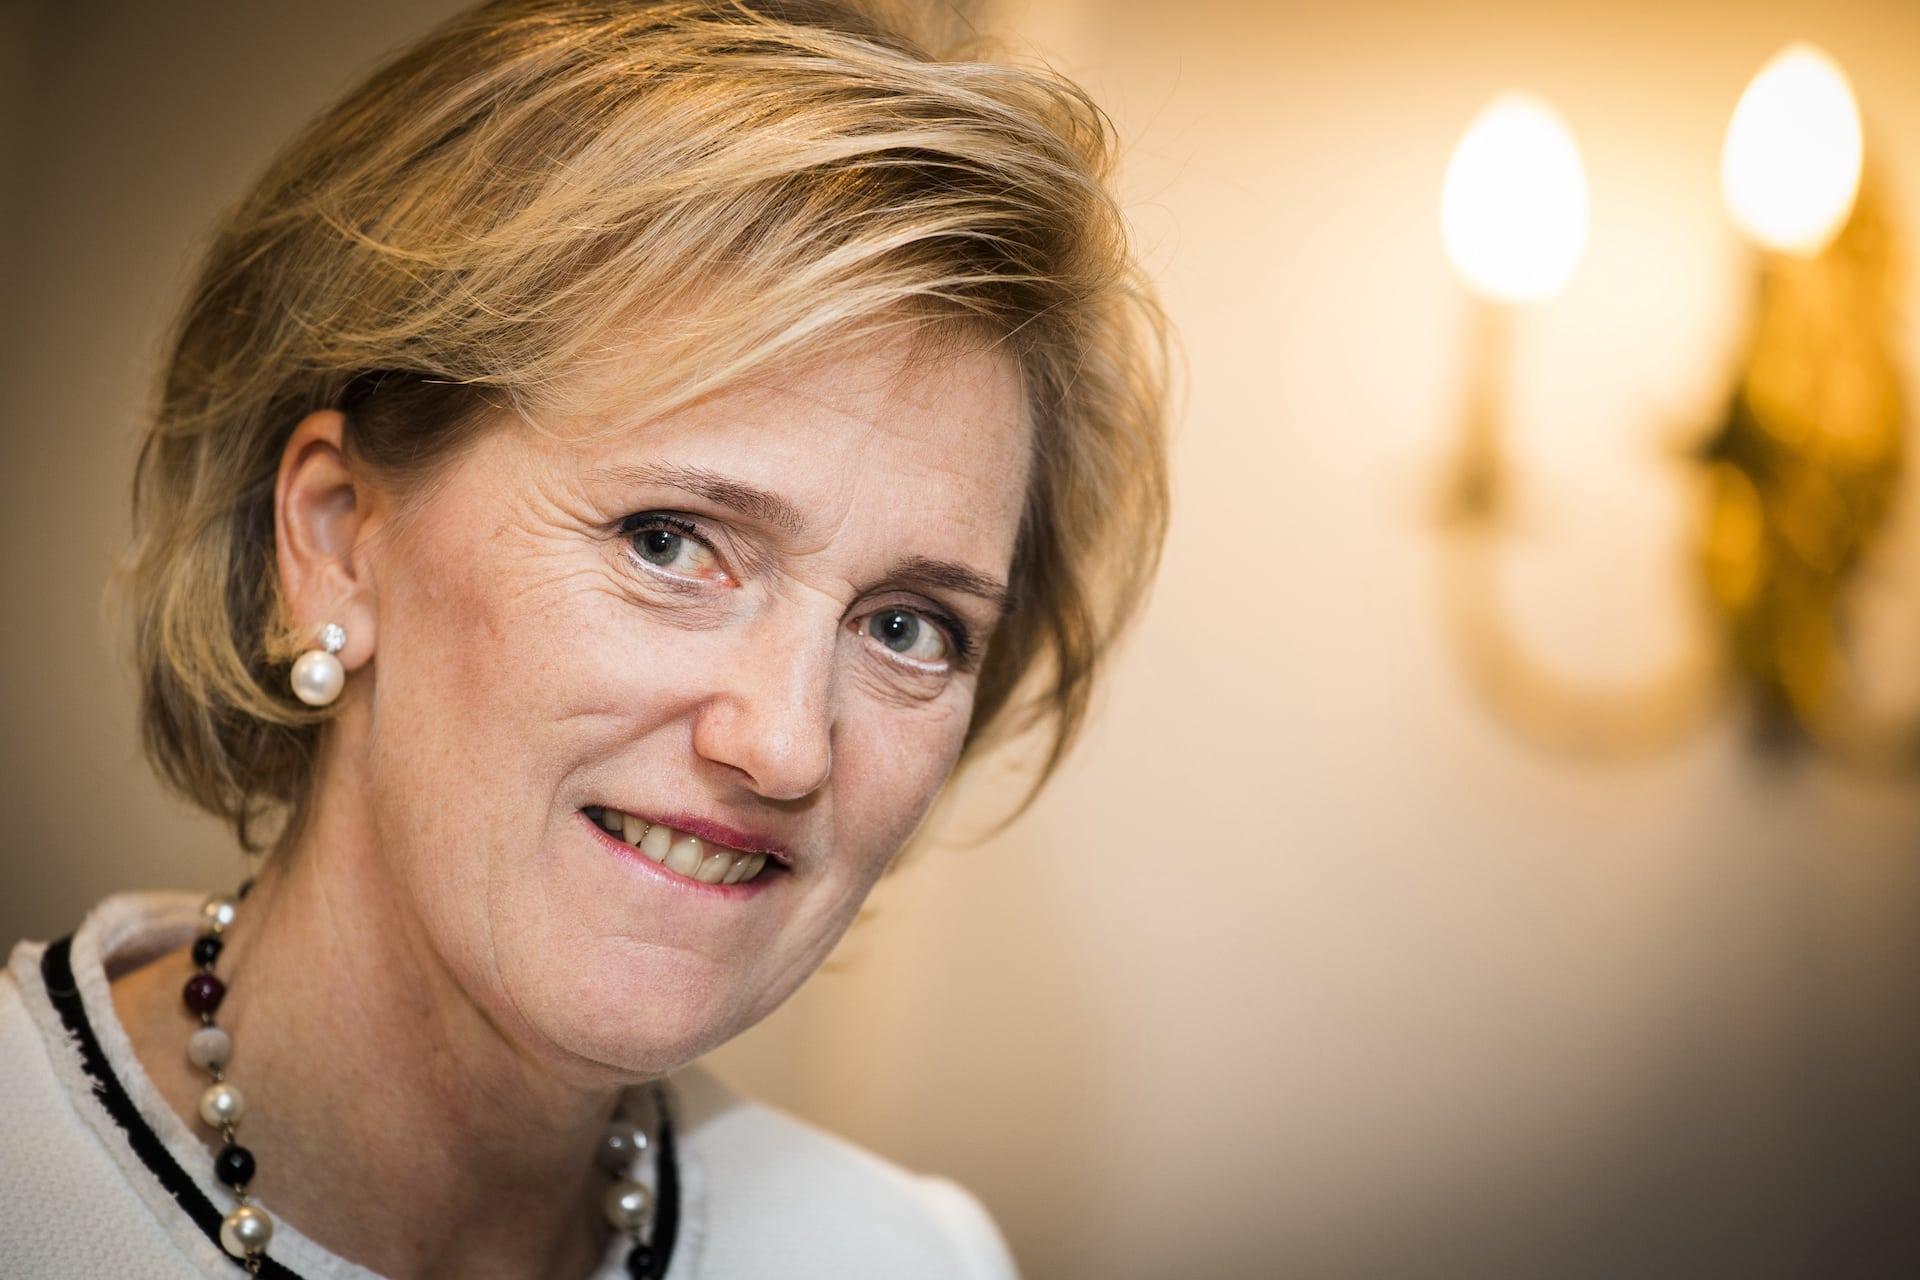 Prinzessin Astrid von Belgien hat sich schwer verletzt